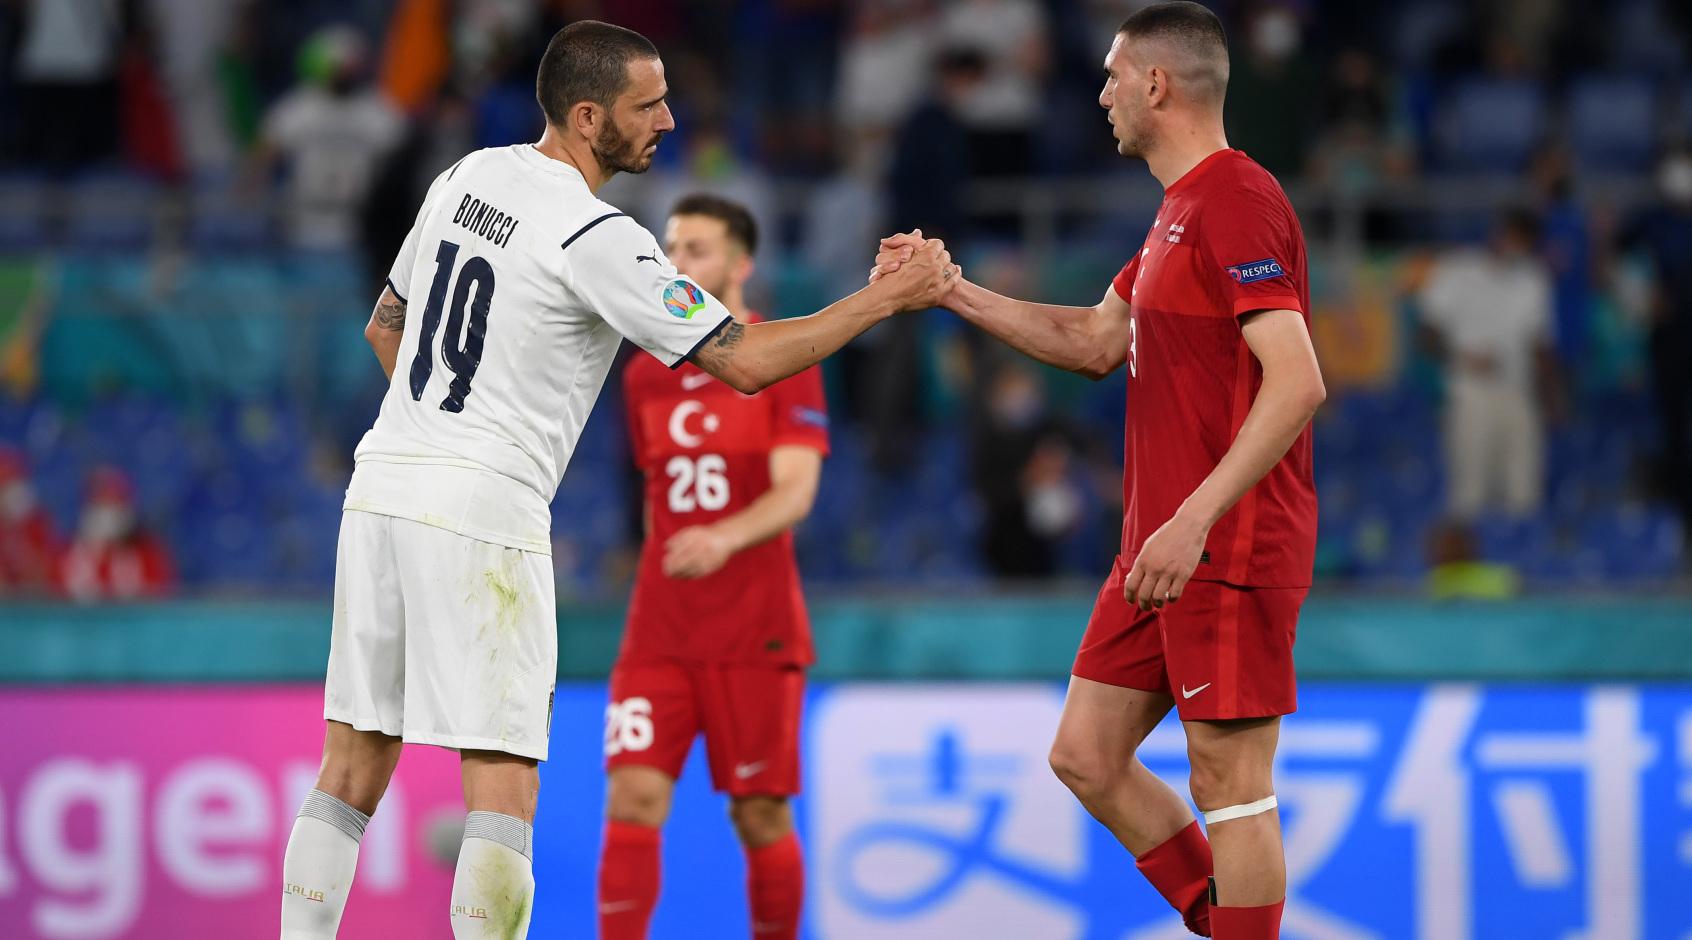 Турция не нанесла ни одного удара в ворота сборной Италии в первом тайме, это рекордная разница после Евро-2004